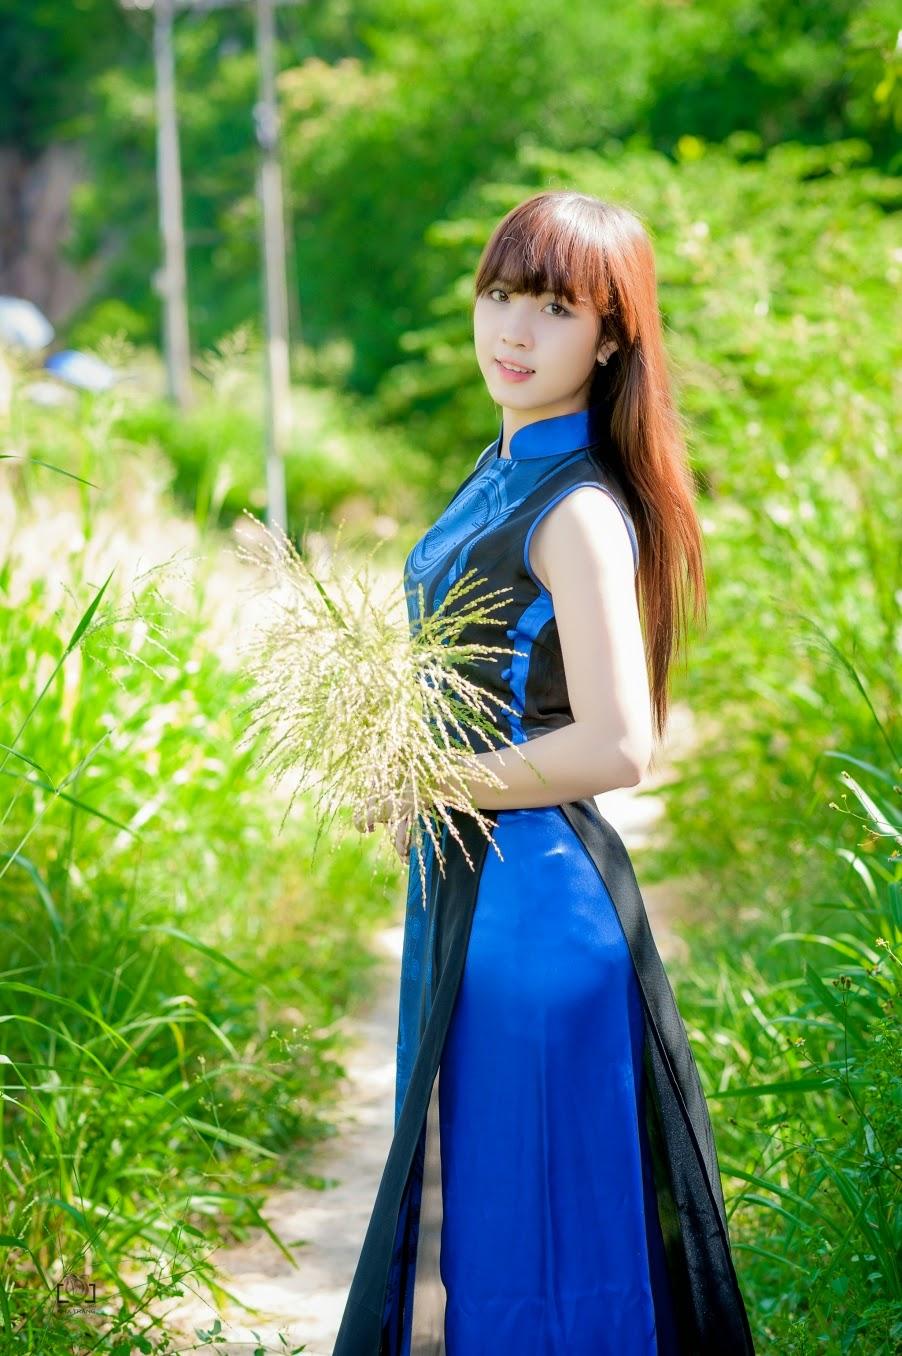 Nữ sinh ngon lành cành đao =))